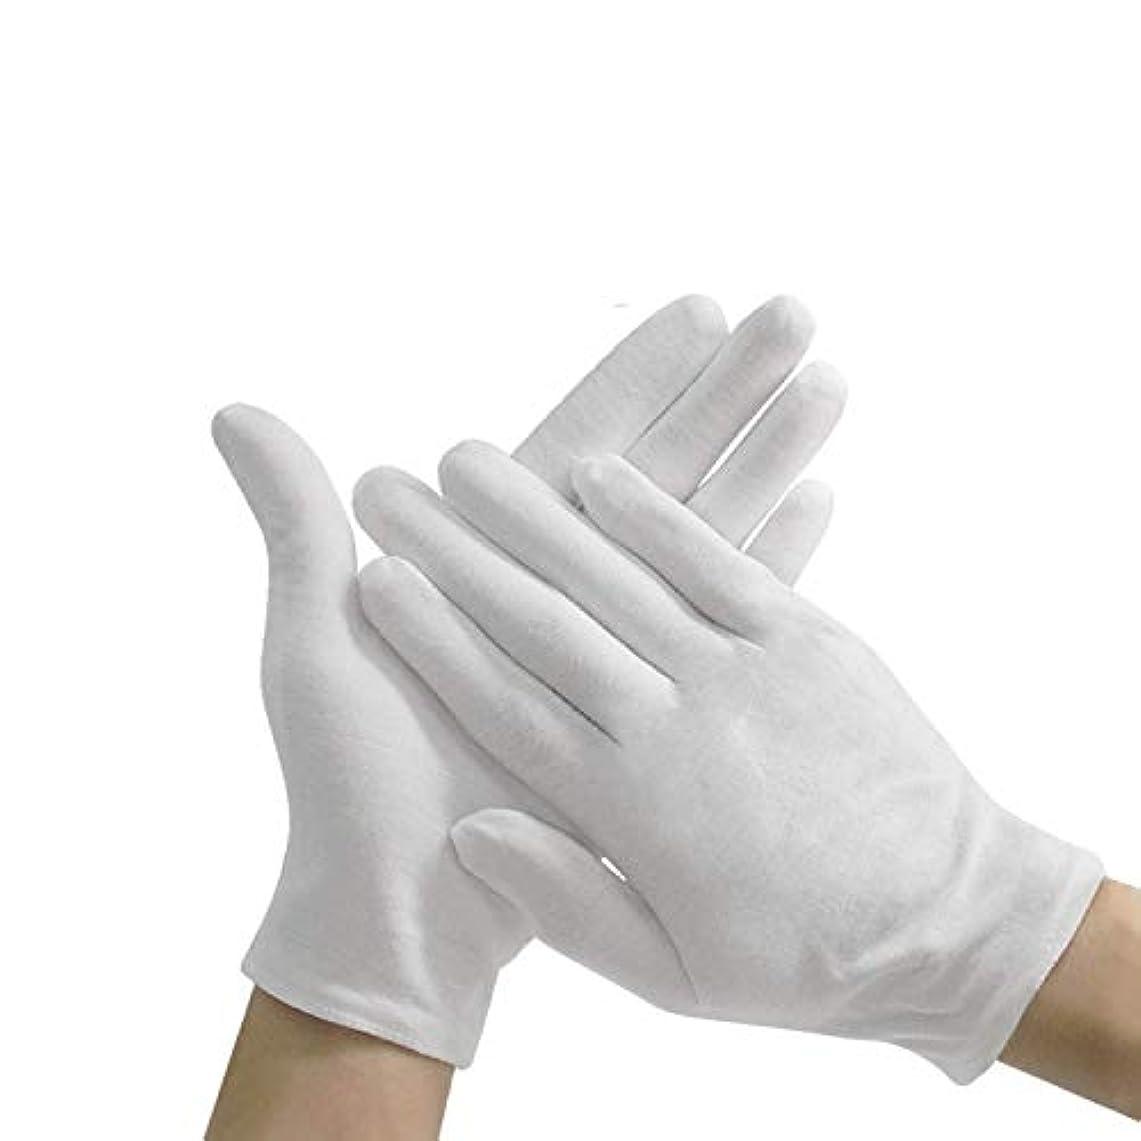 シーボード厳密に然としたコットン手袋 純綿100%耐久性が強い上に軽く高品質伸縮性通気性抜群 白 12双組